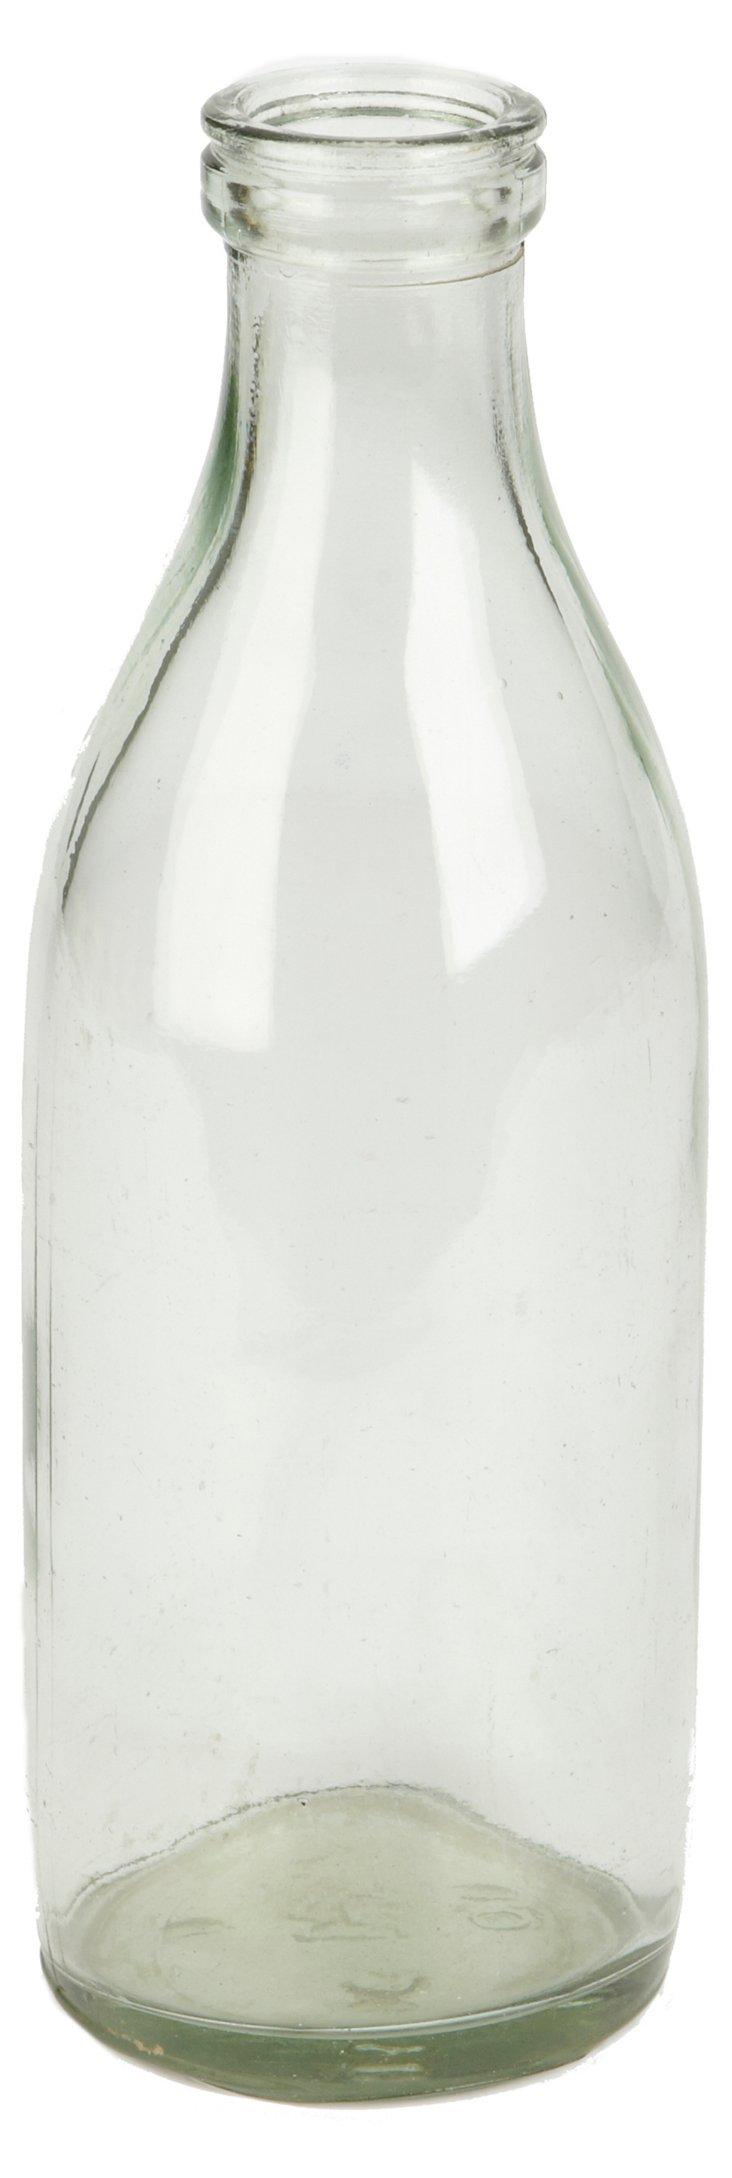 Found Yogurt Bottle